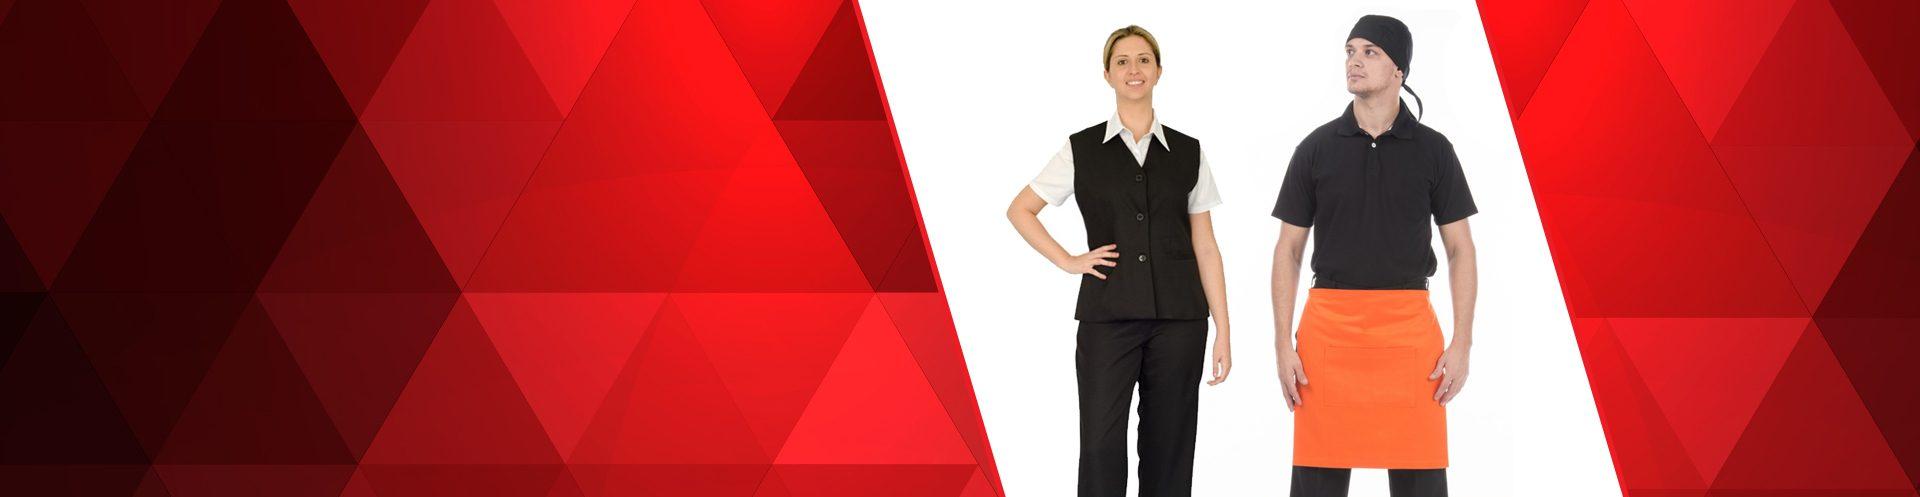 Uniforme, uniformes